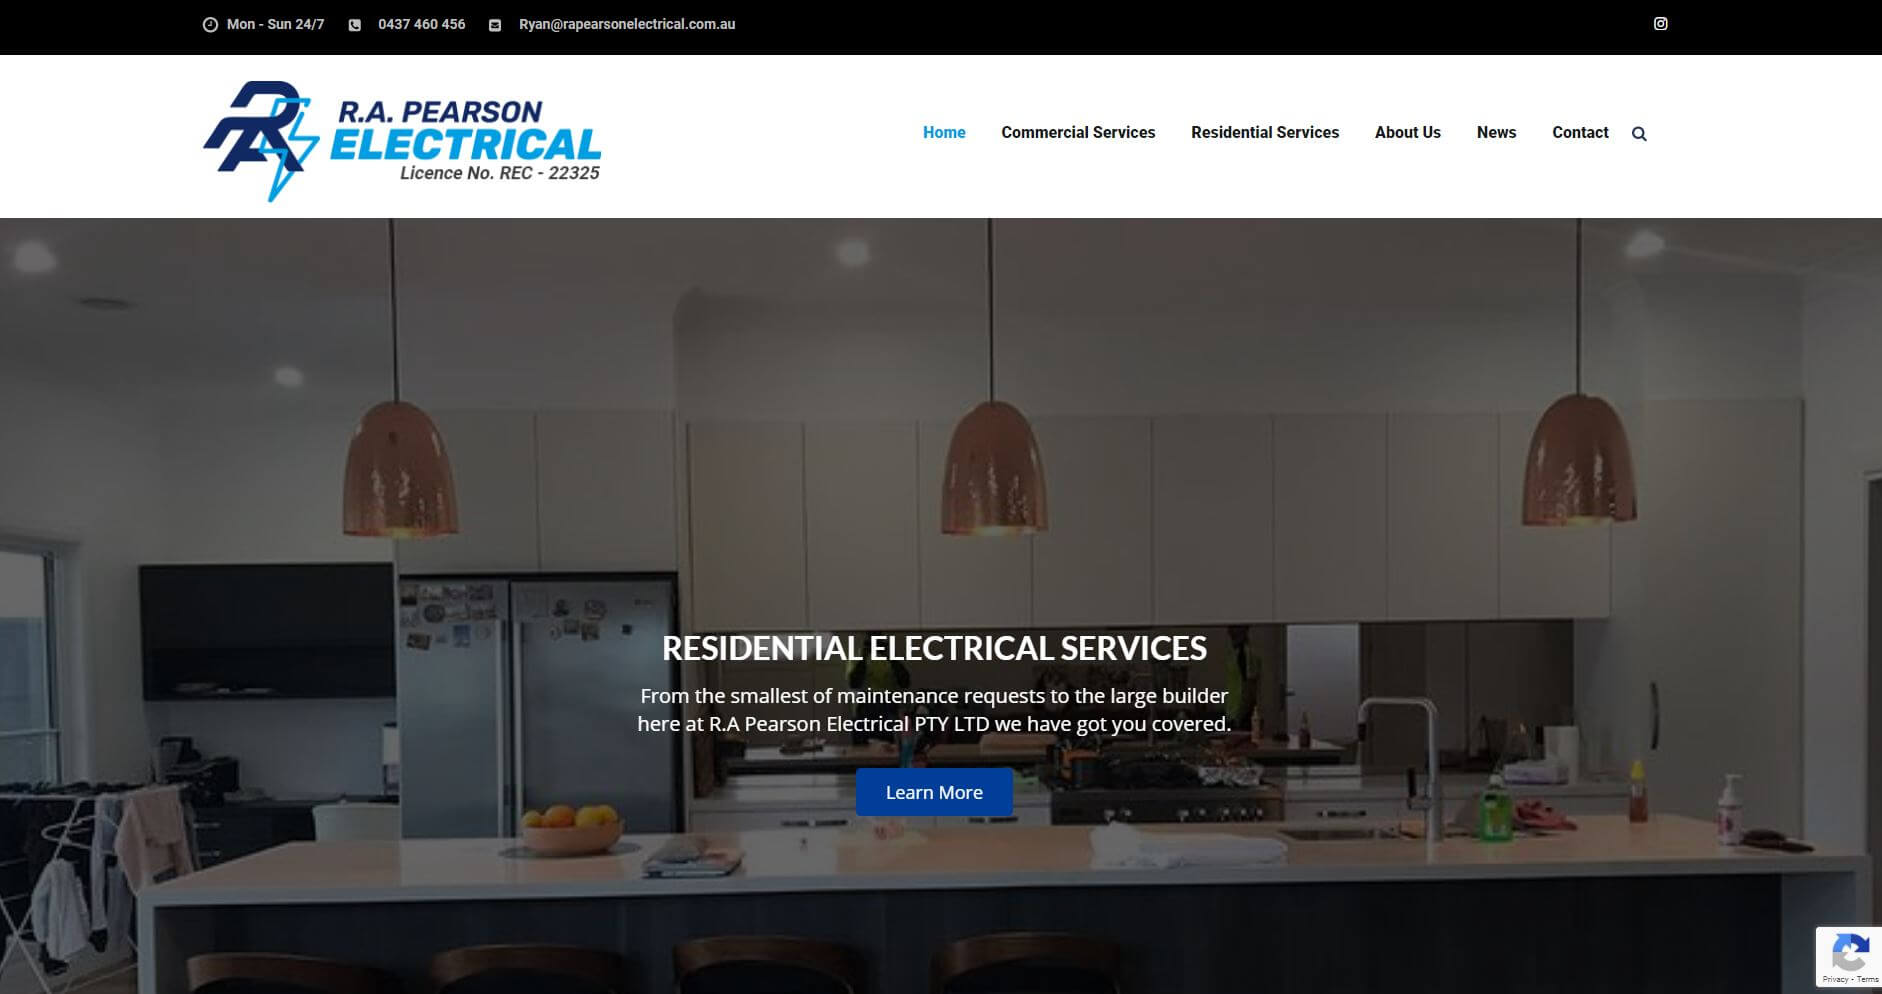 R.a Pearson Electrical